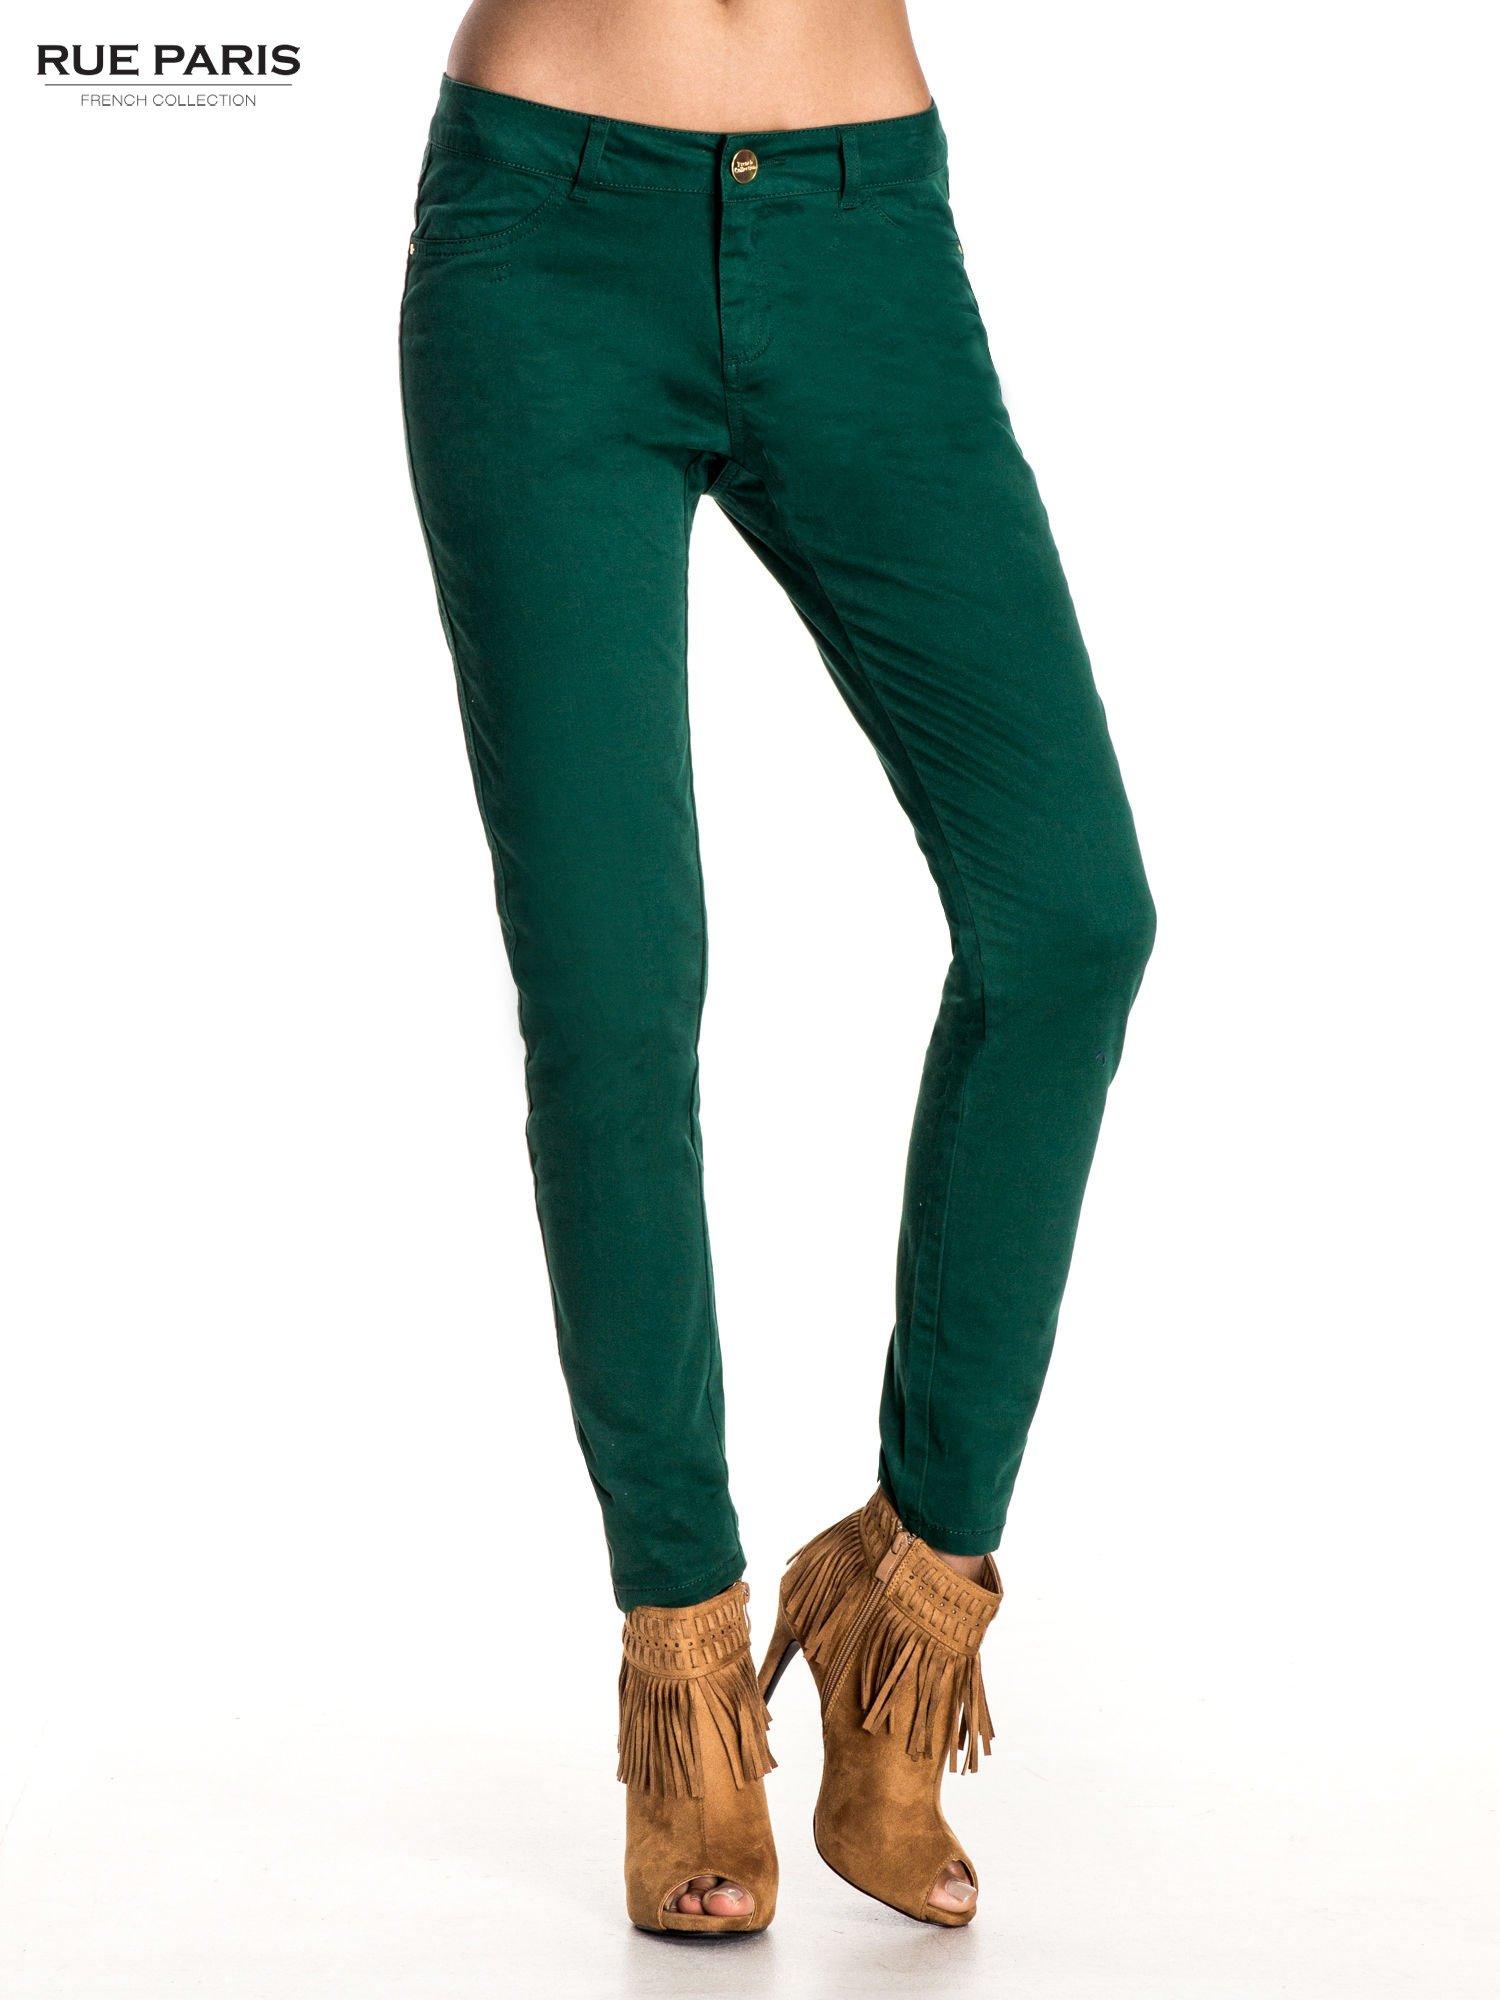 Zielone spodnie materiałowe w stylu chinos                                  zdj.                                  1